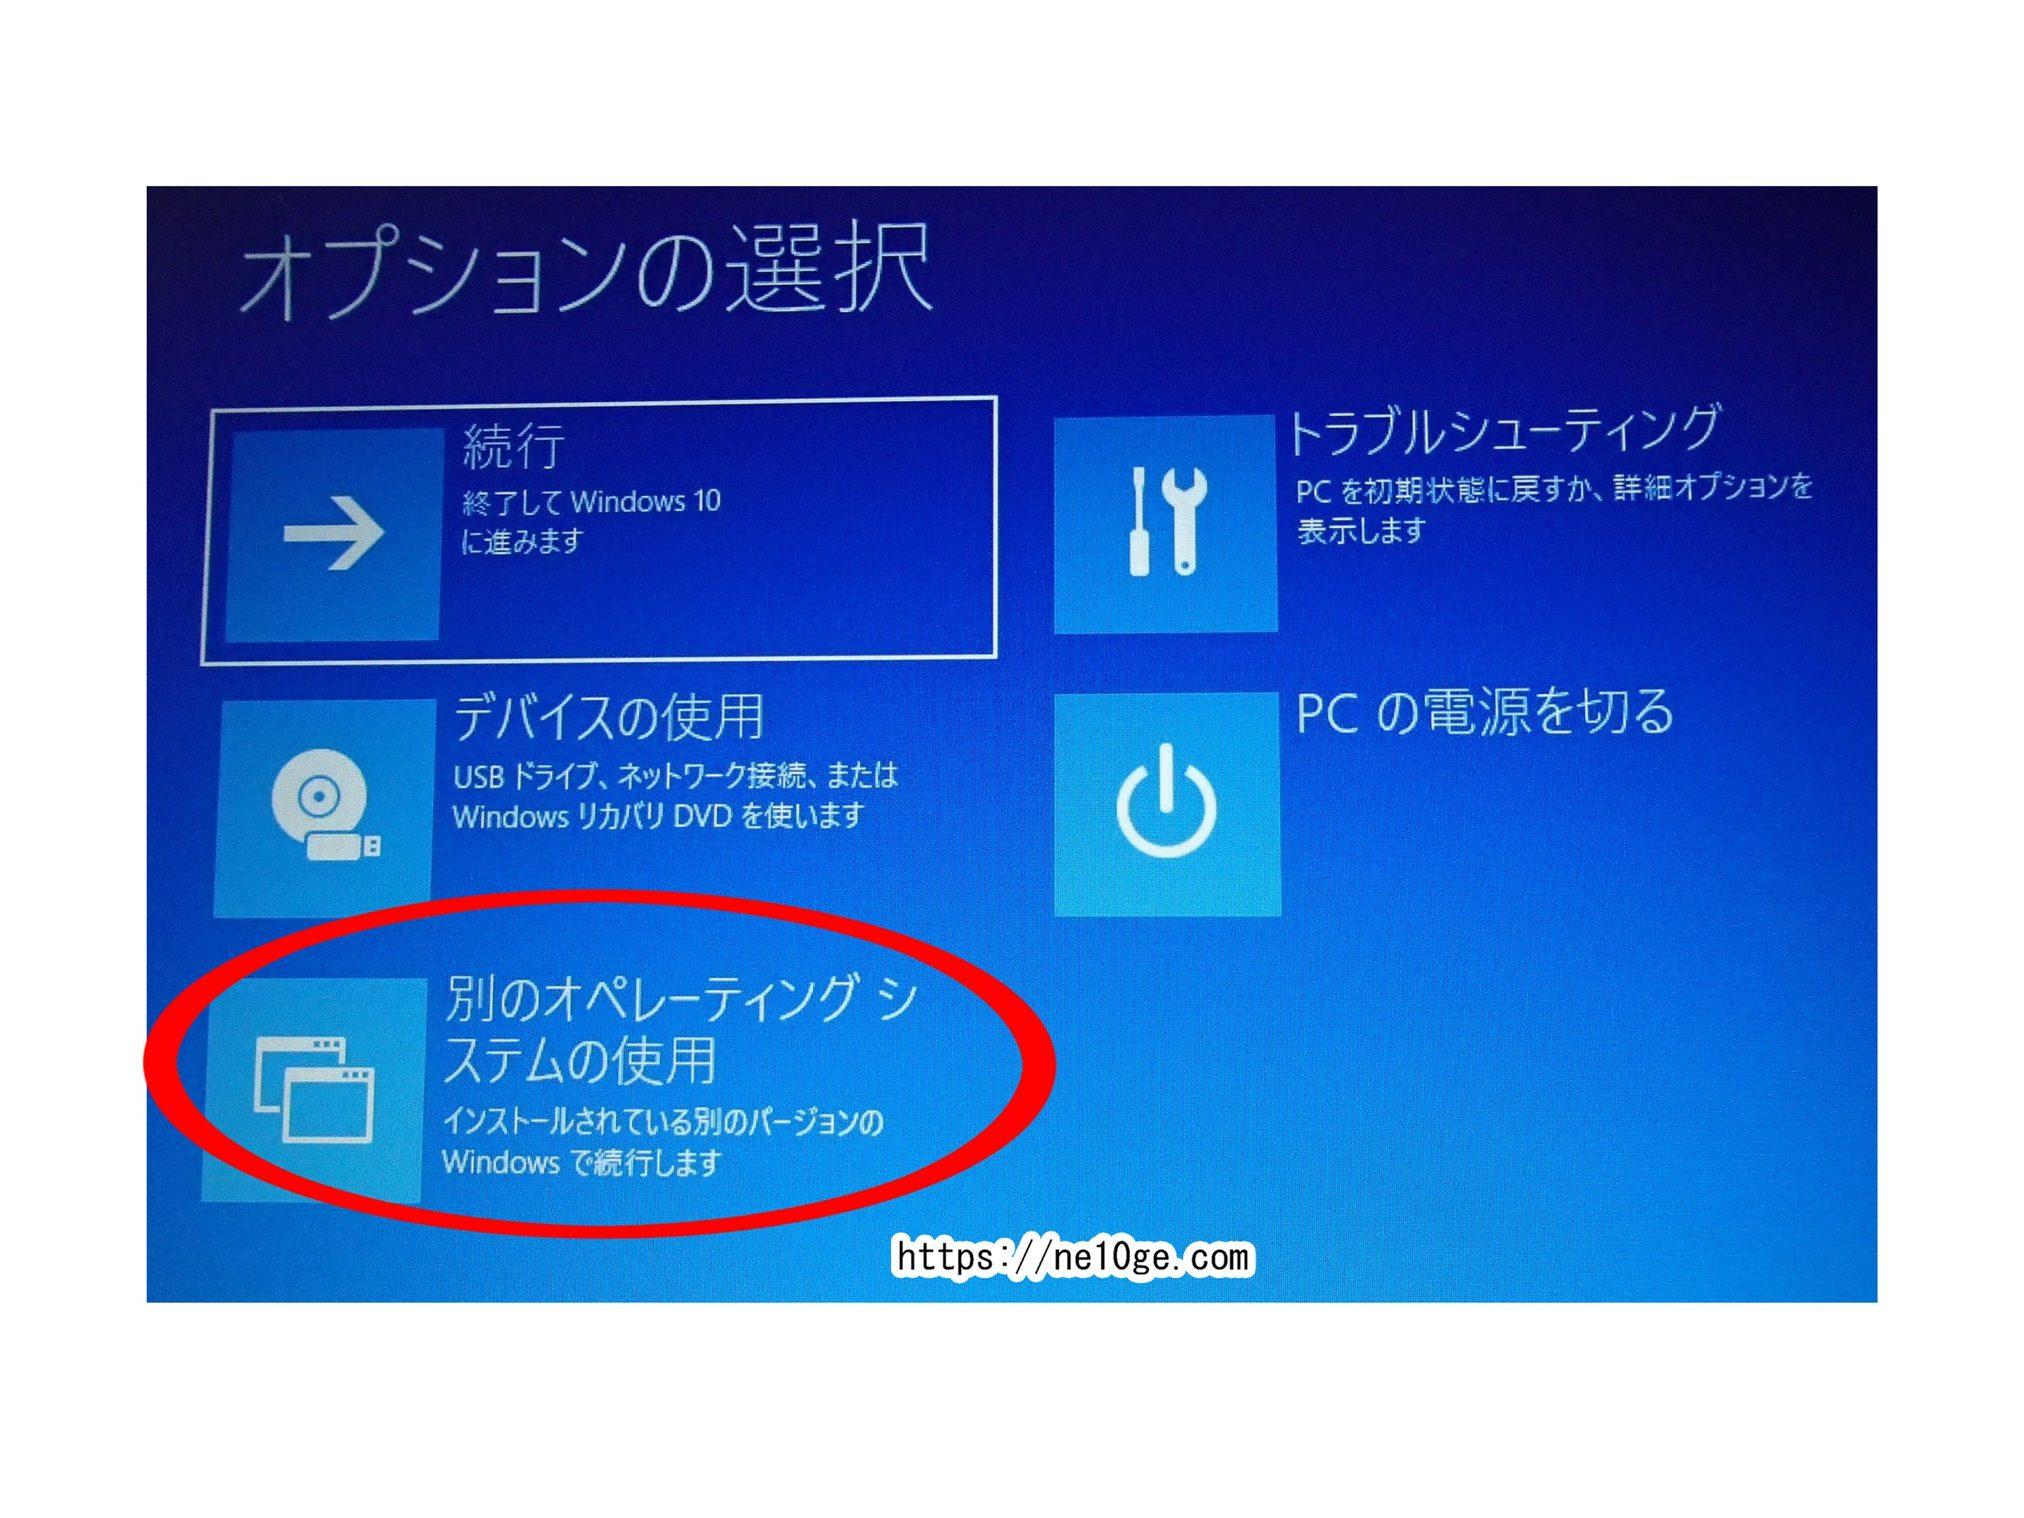 別のオペレーティングシステムの使用からOSを選択し直してWindows10を立ち上げる